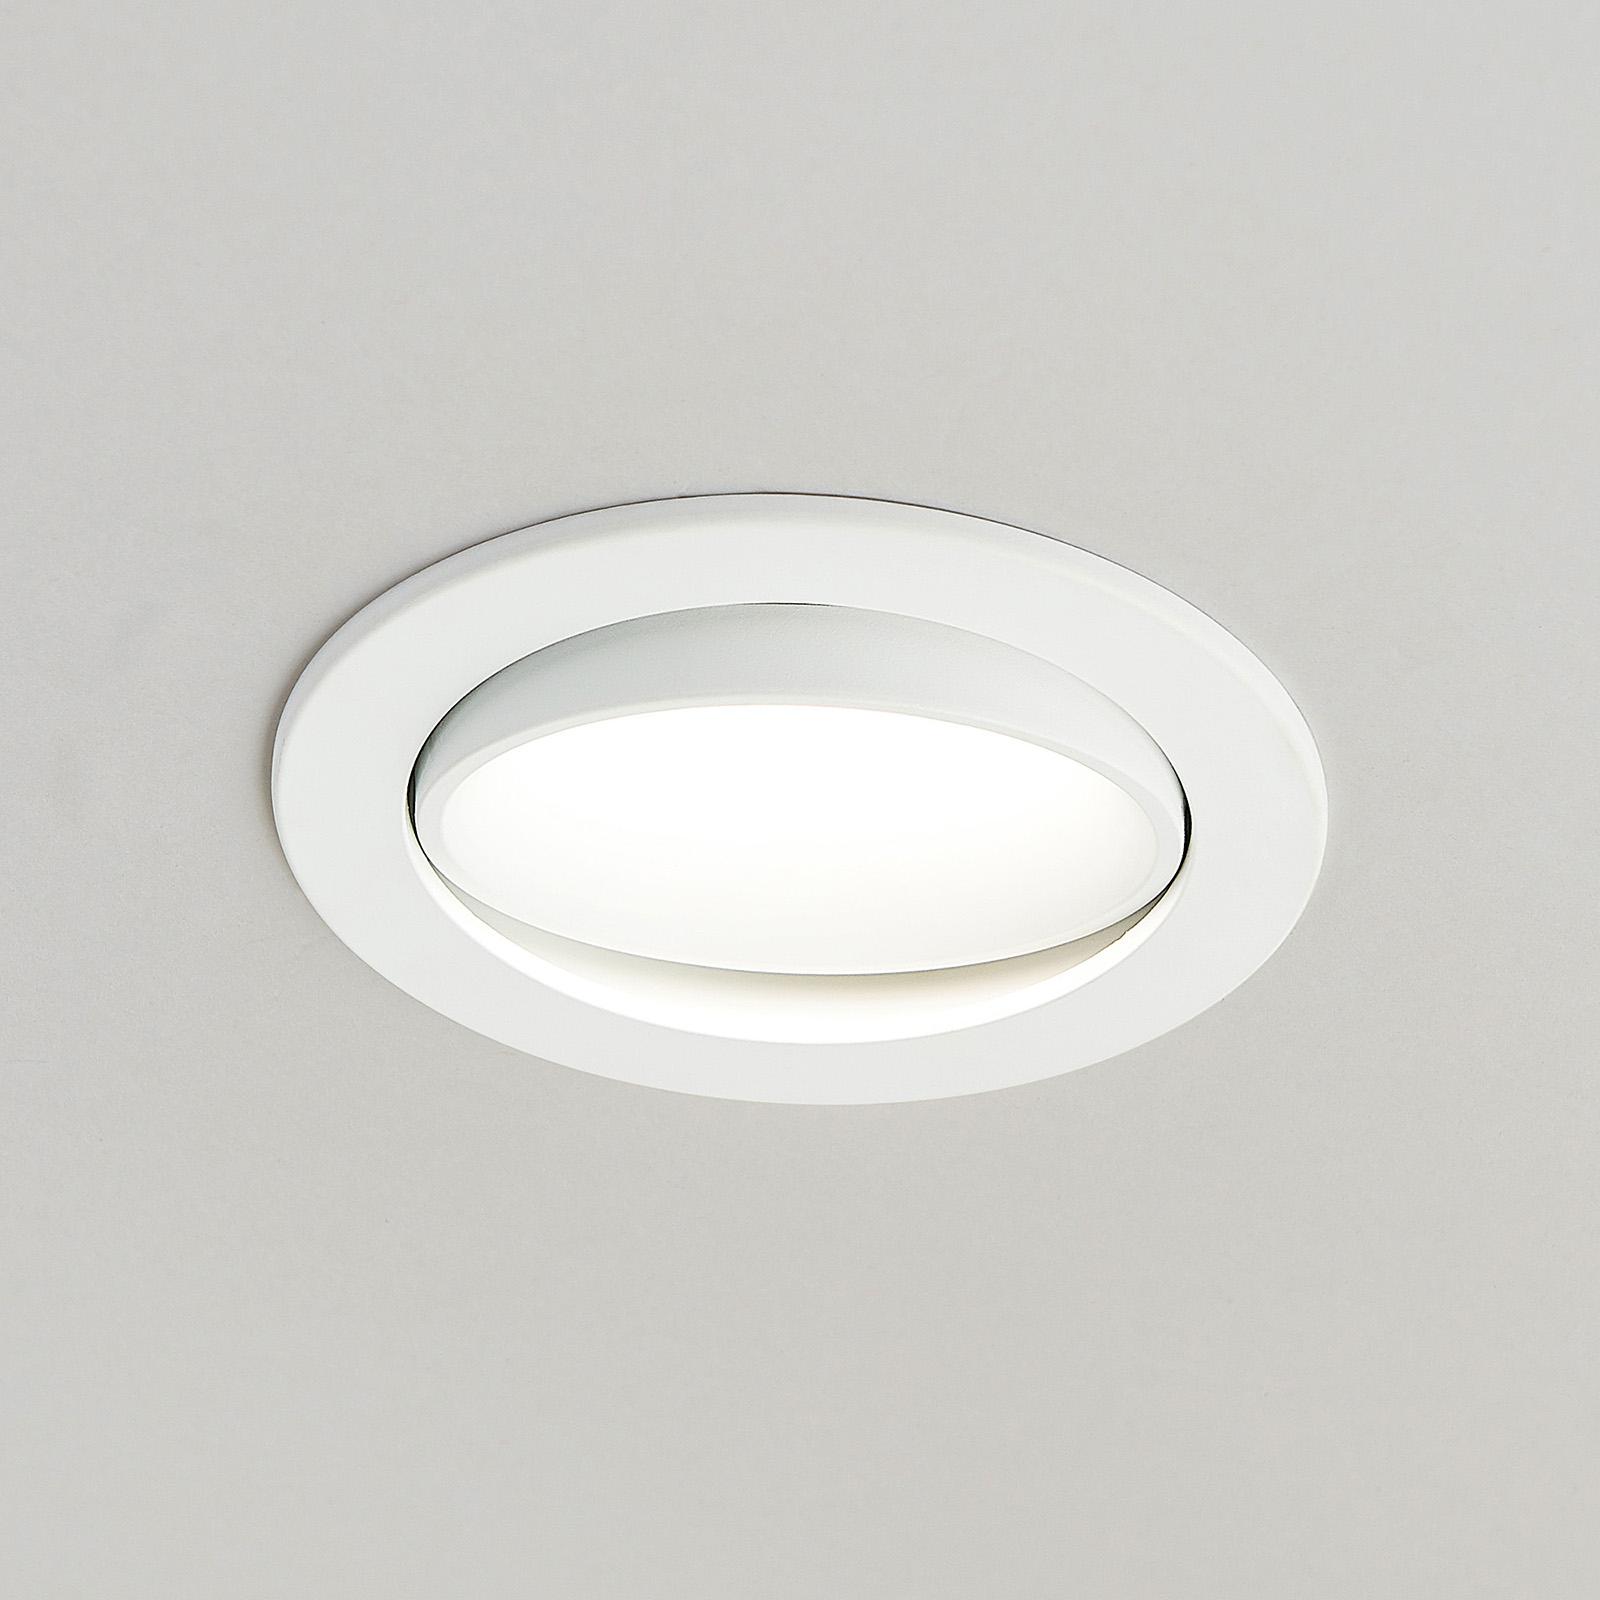 Arcchio Katerin LED-innfellingslampe, hvit dreibar